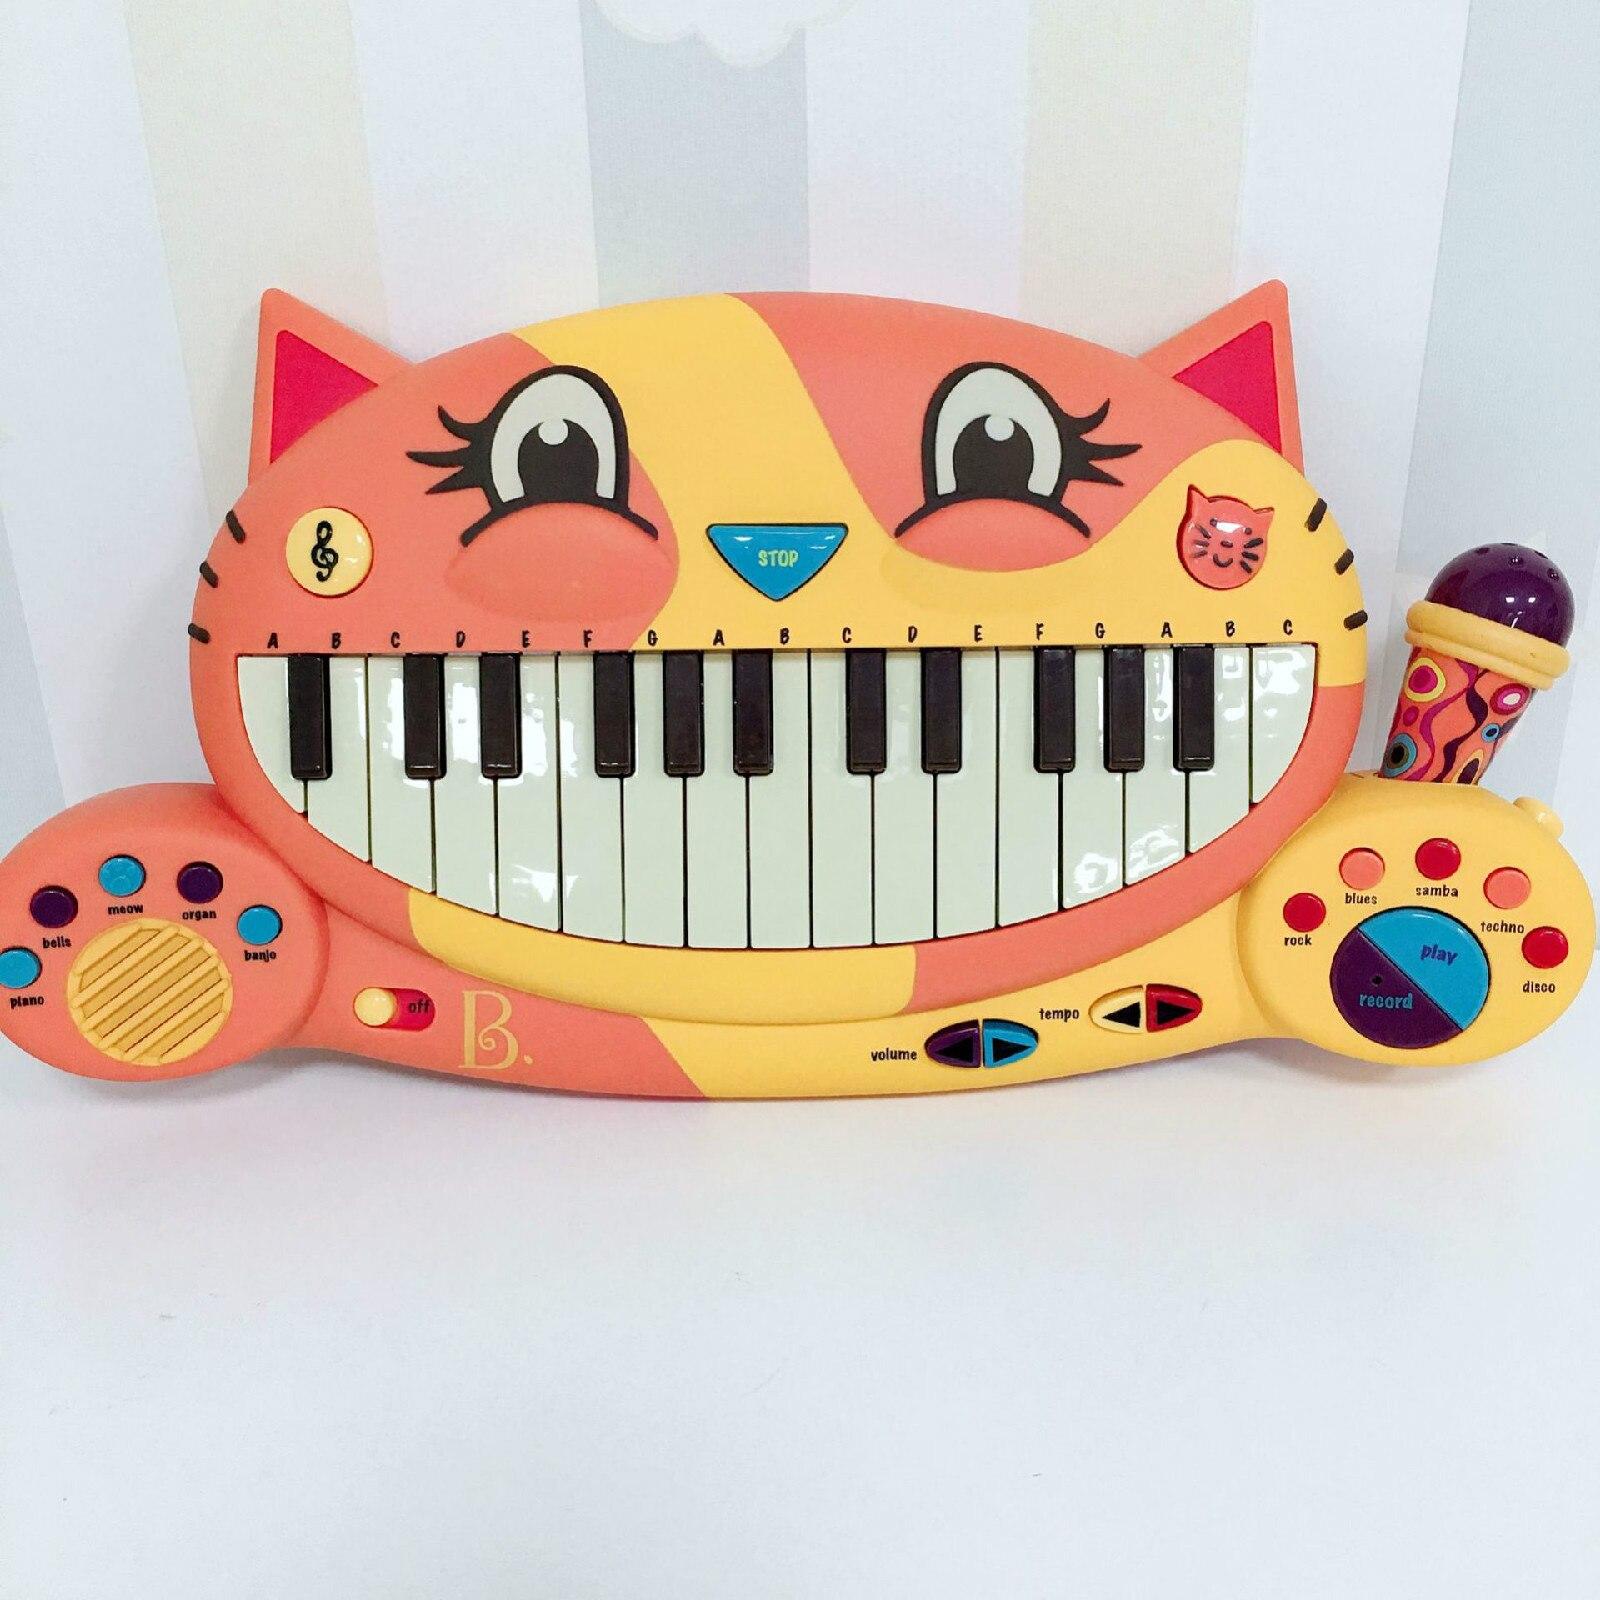 Américain B. Toys Bigmouth chat Piano dessin animé début enseignement clavier Puzzle électronique Piano musique jouet